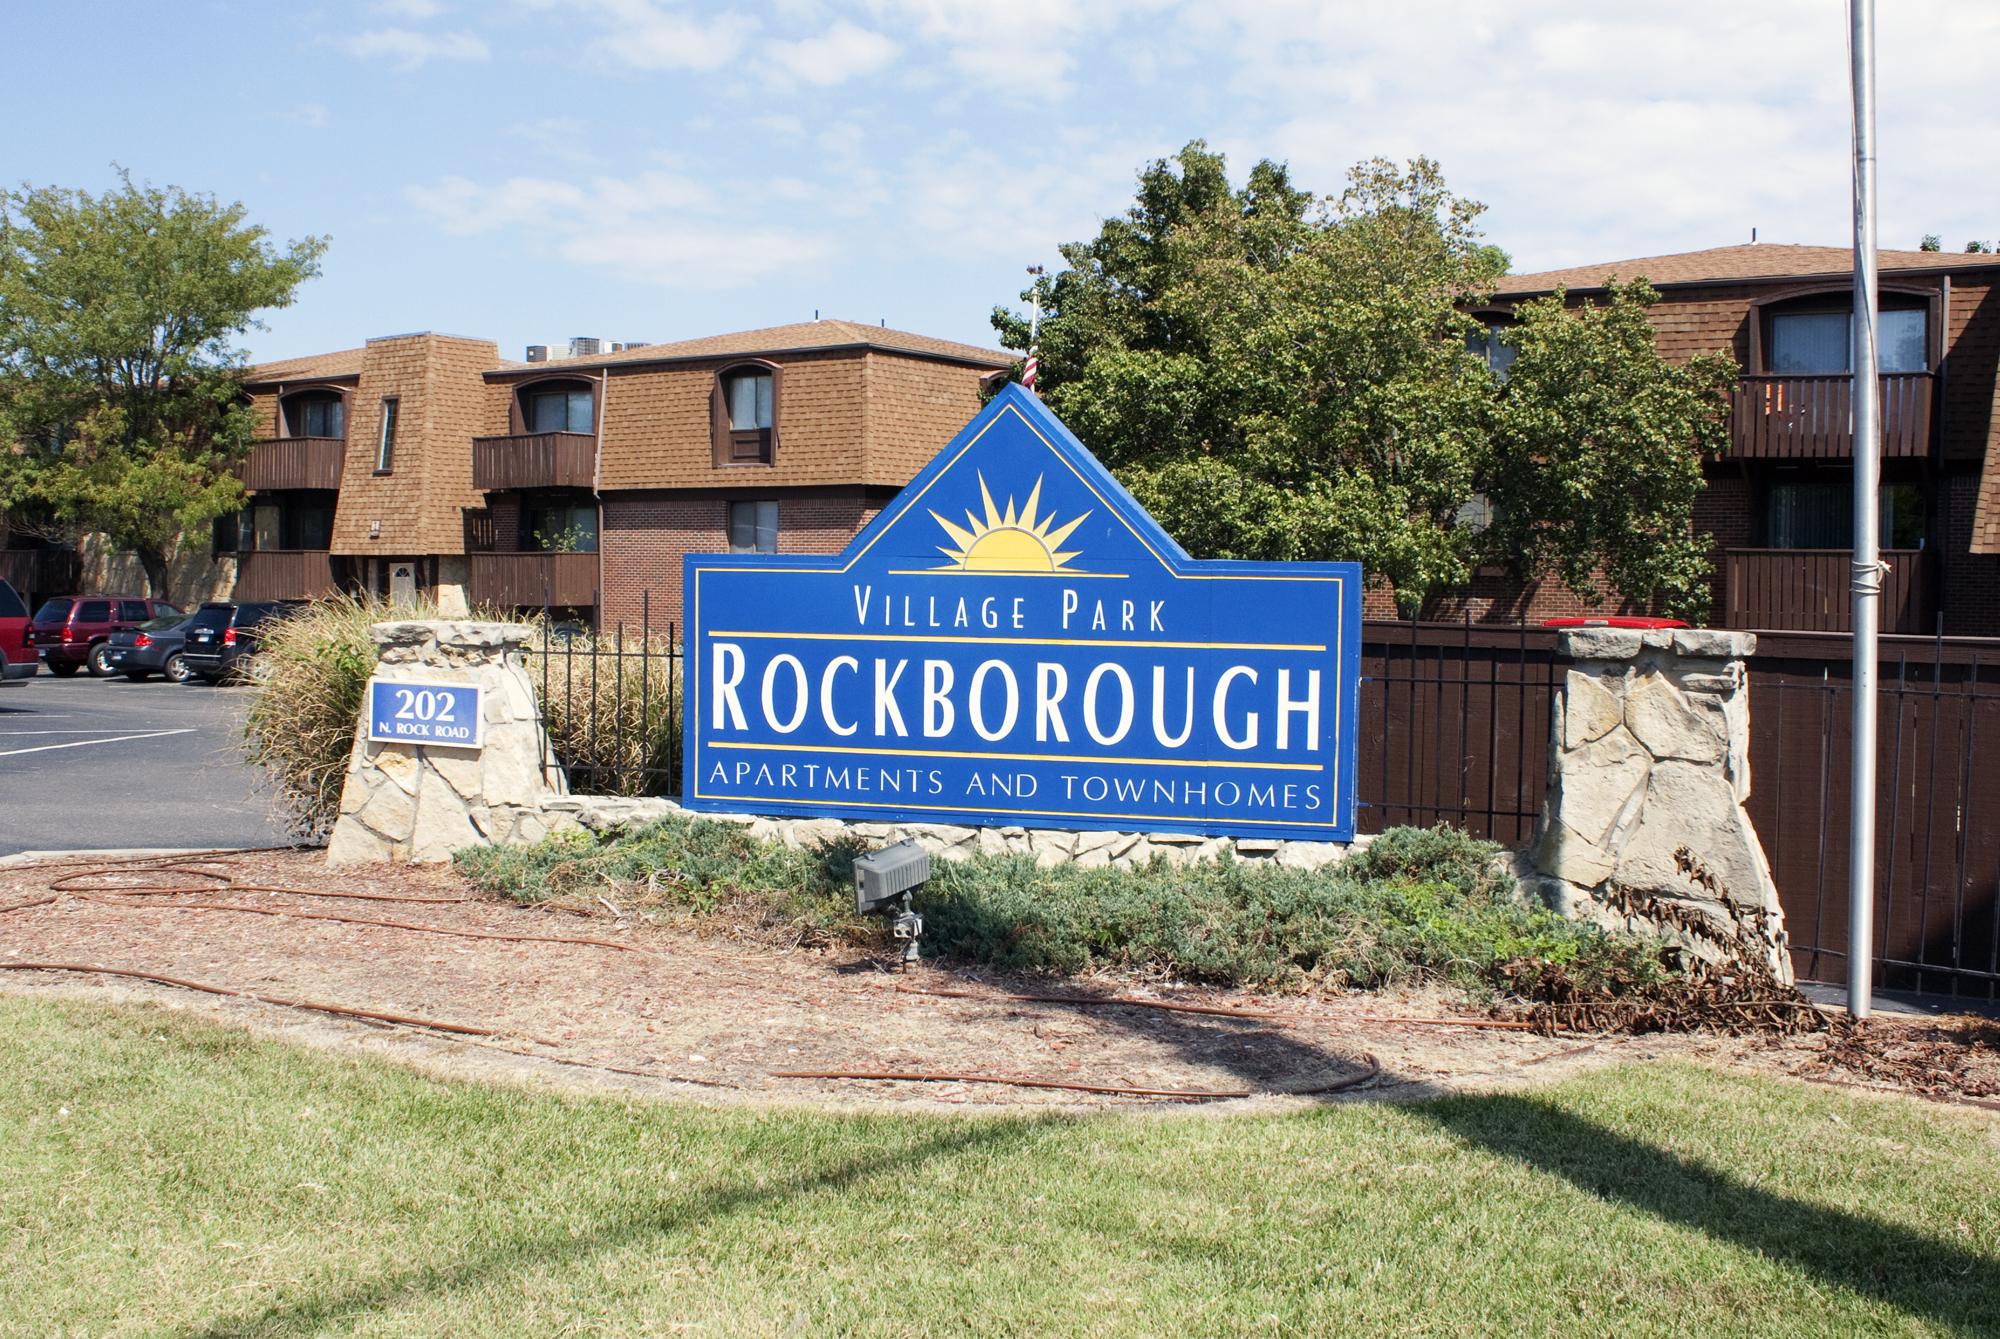 RockboroughSign3.jpg